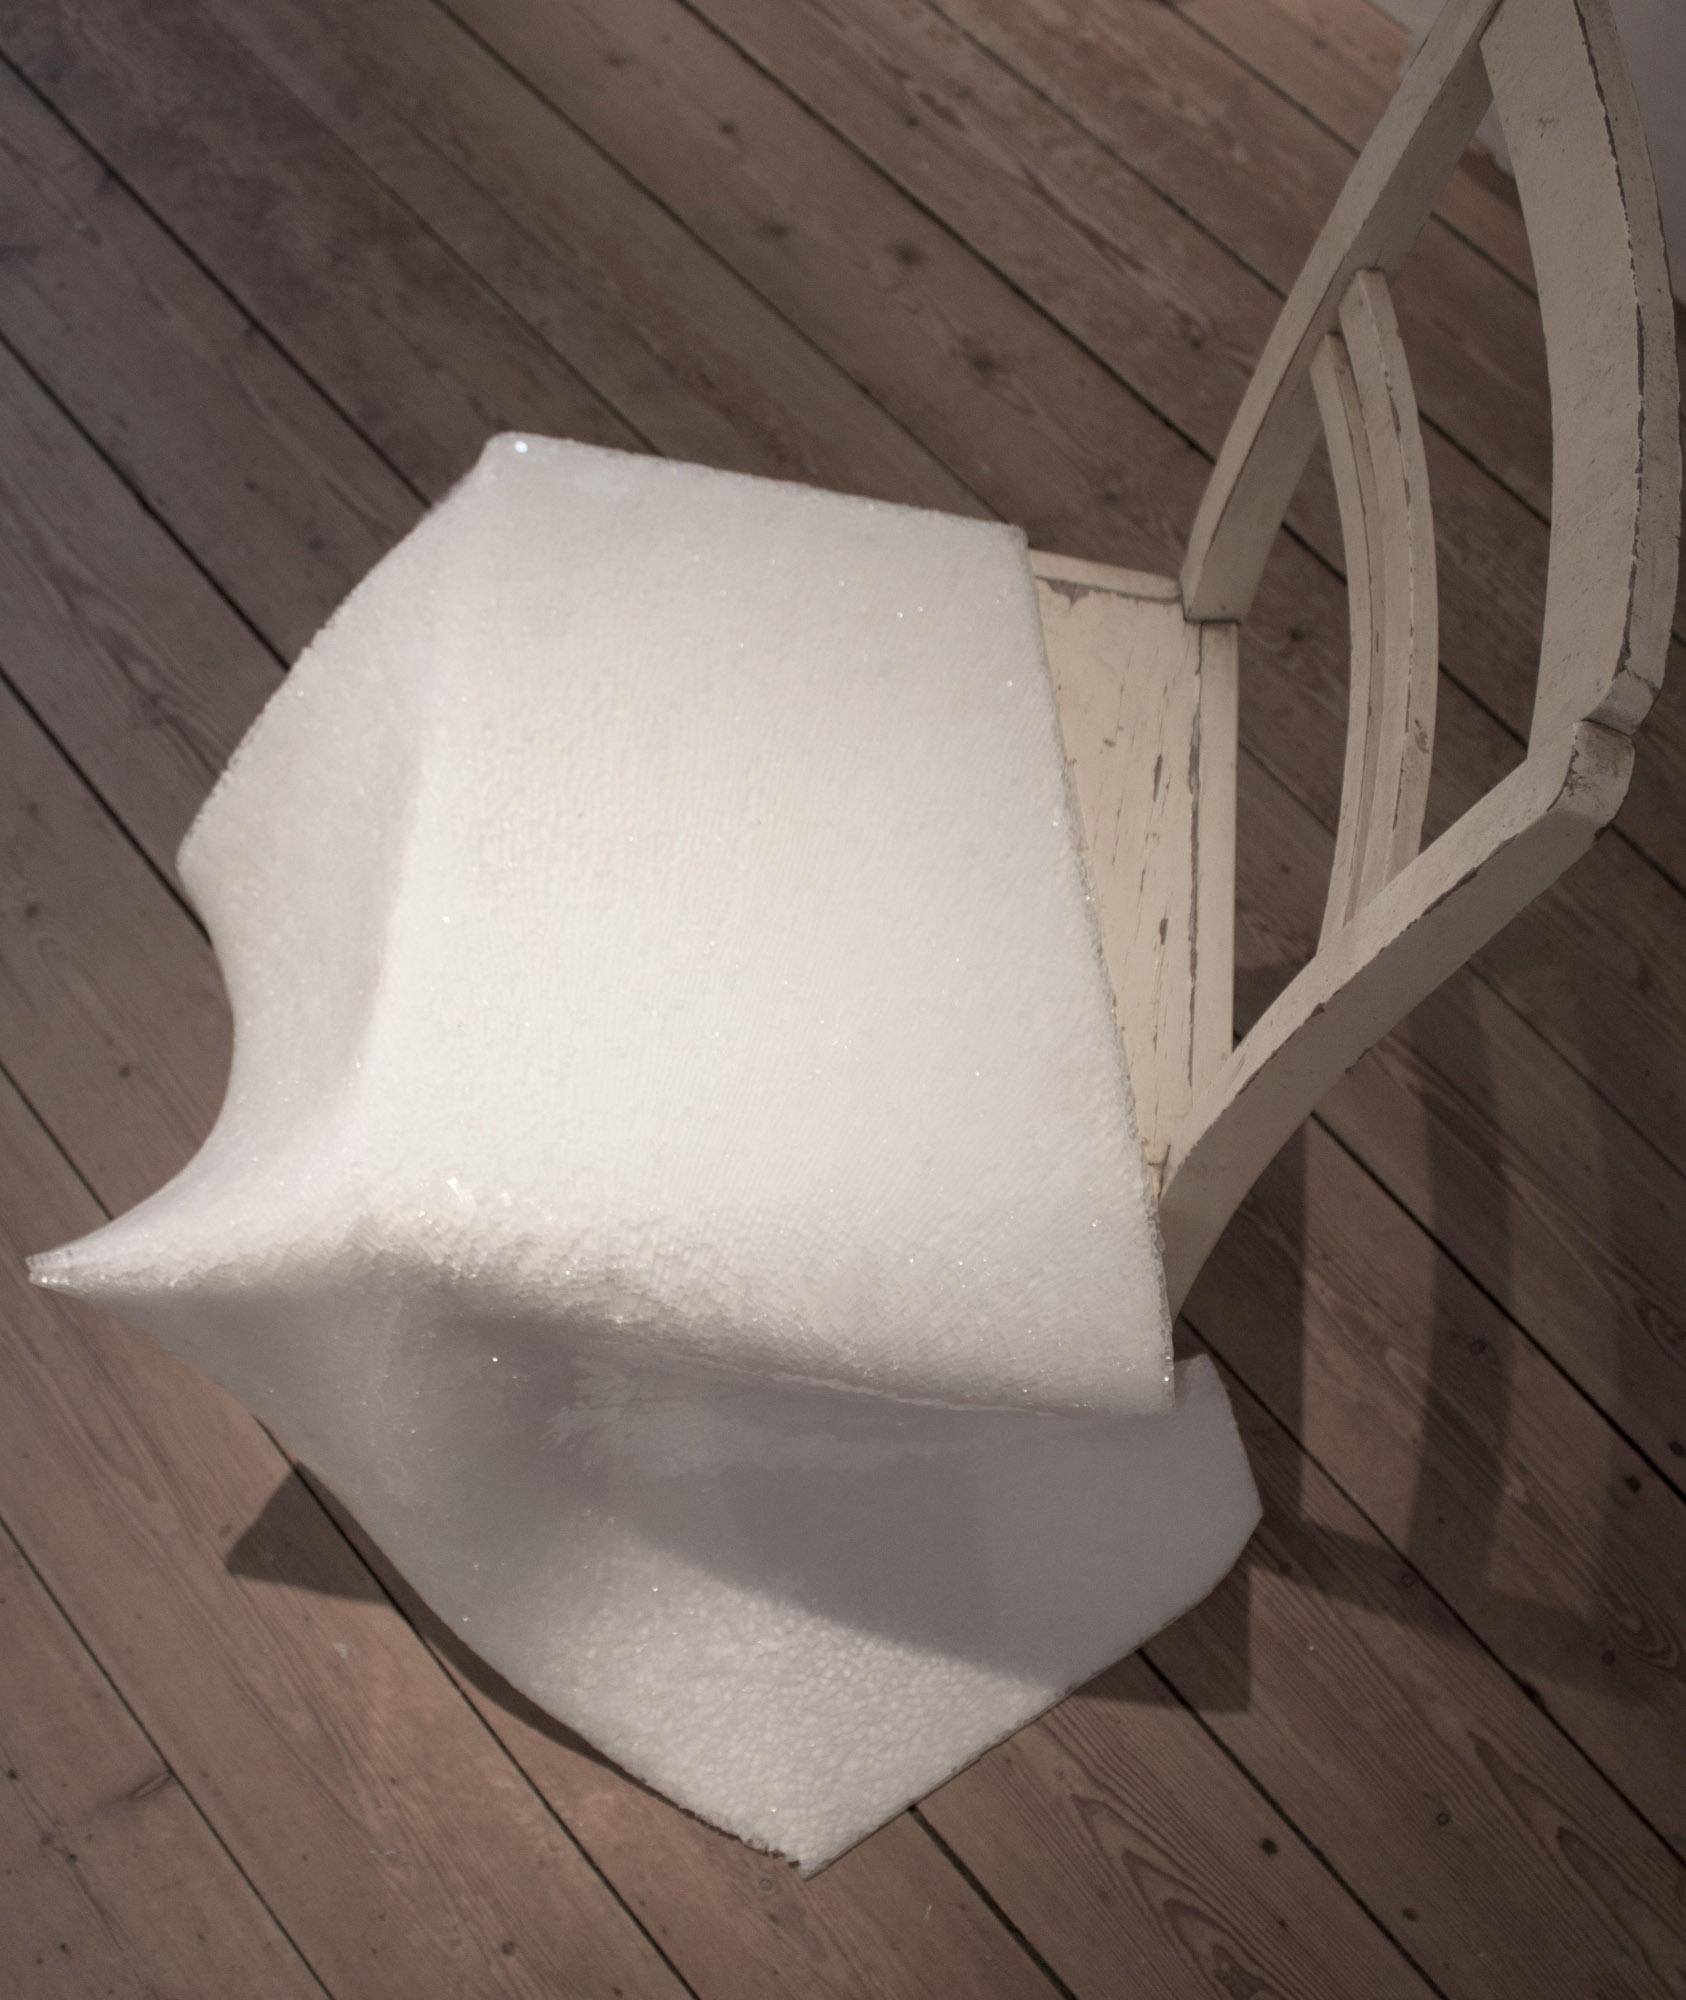 Chairbehind500.jpg